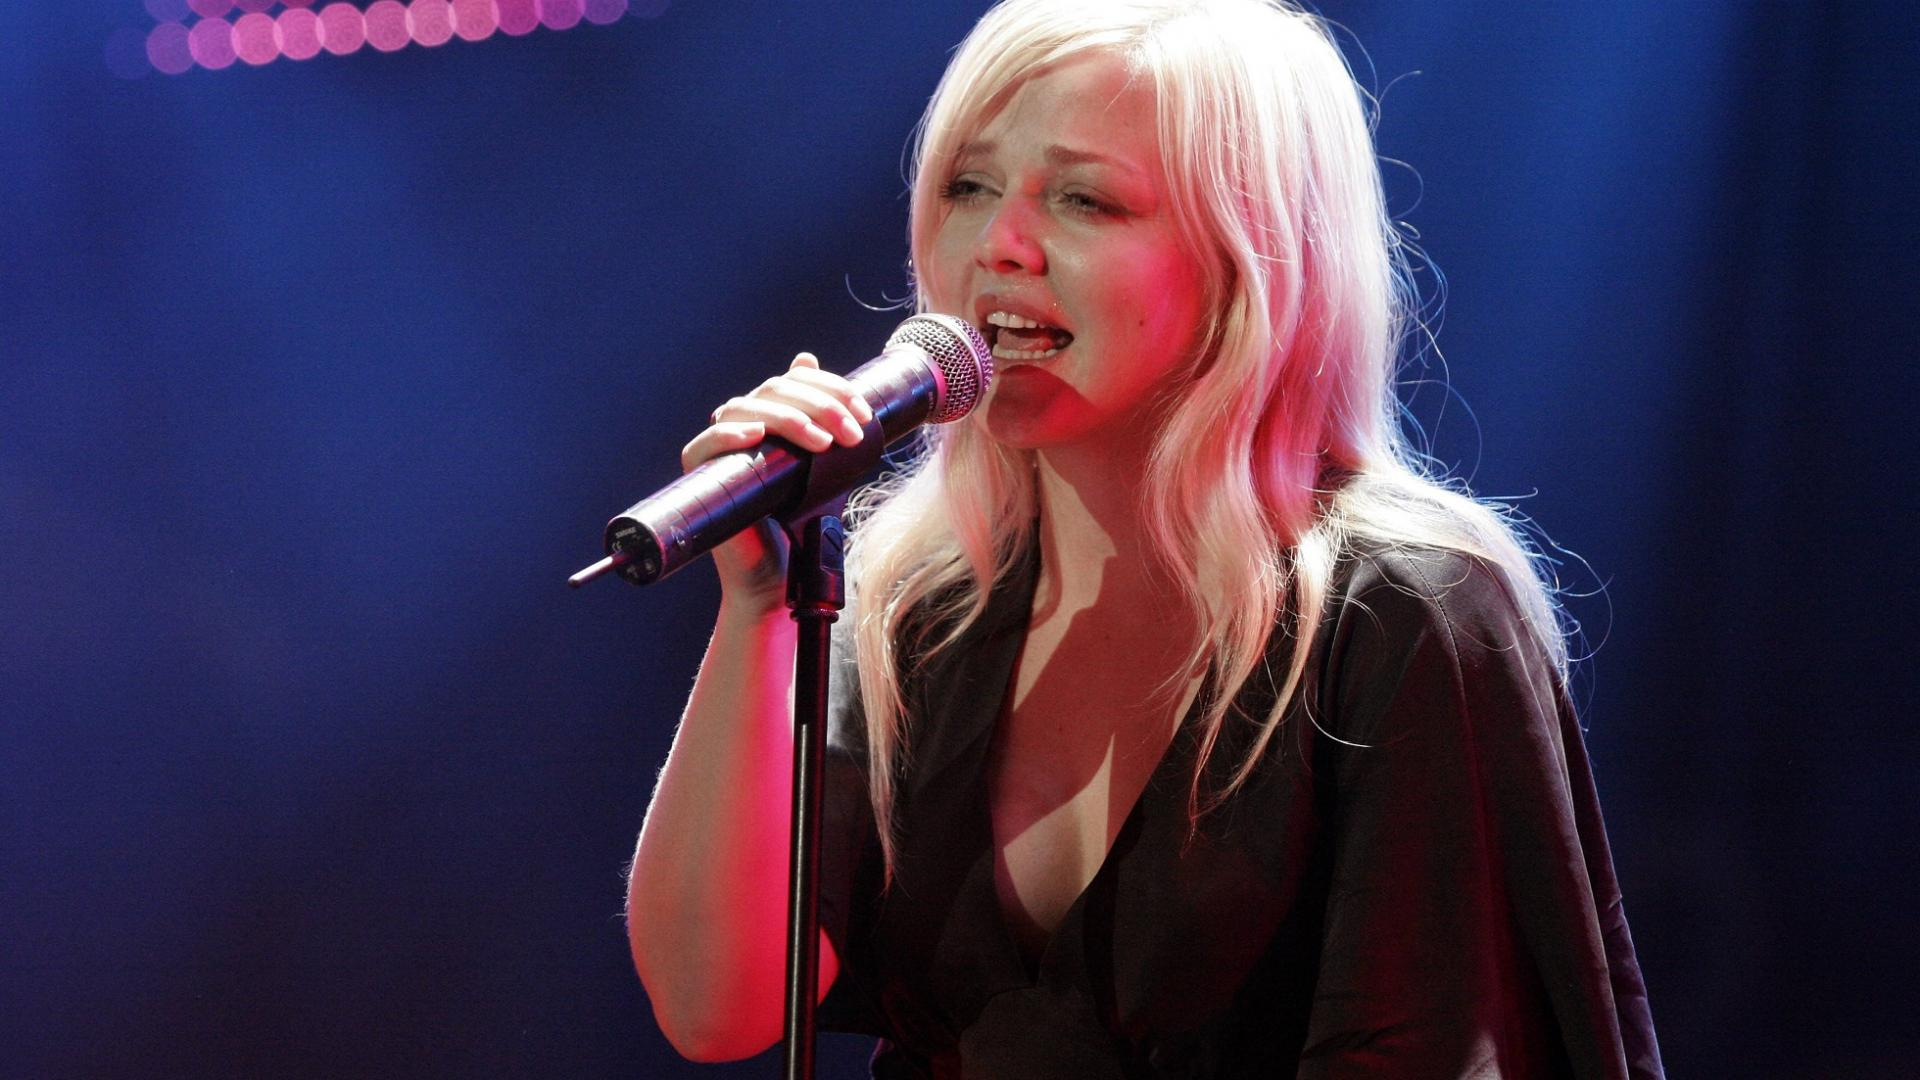 Sängerin Annett Louisan singt auf der Bühne